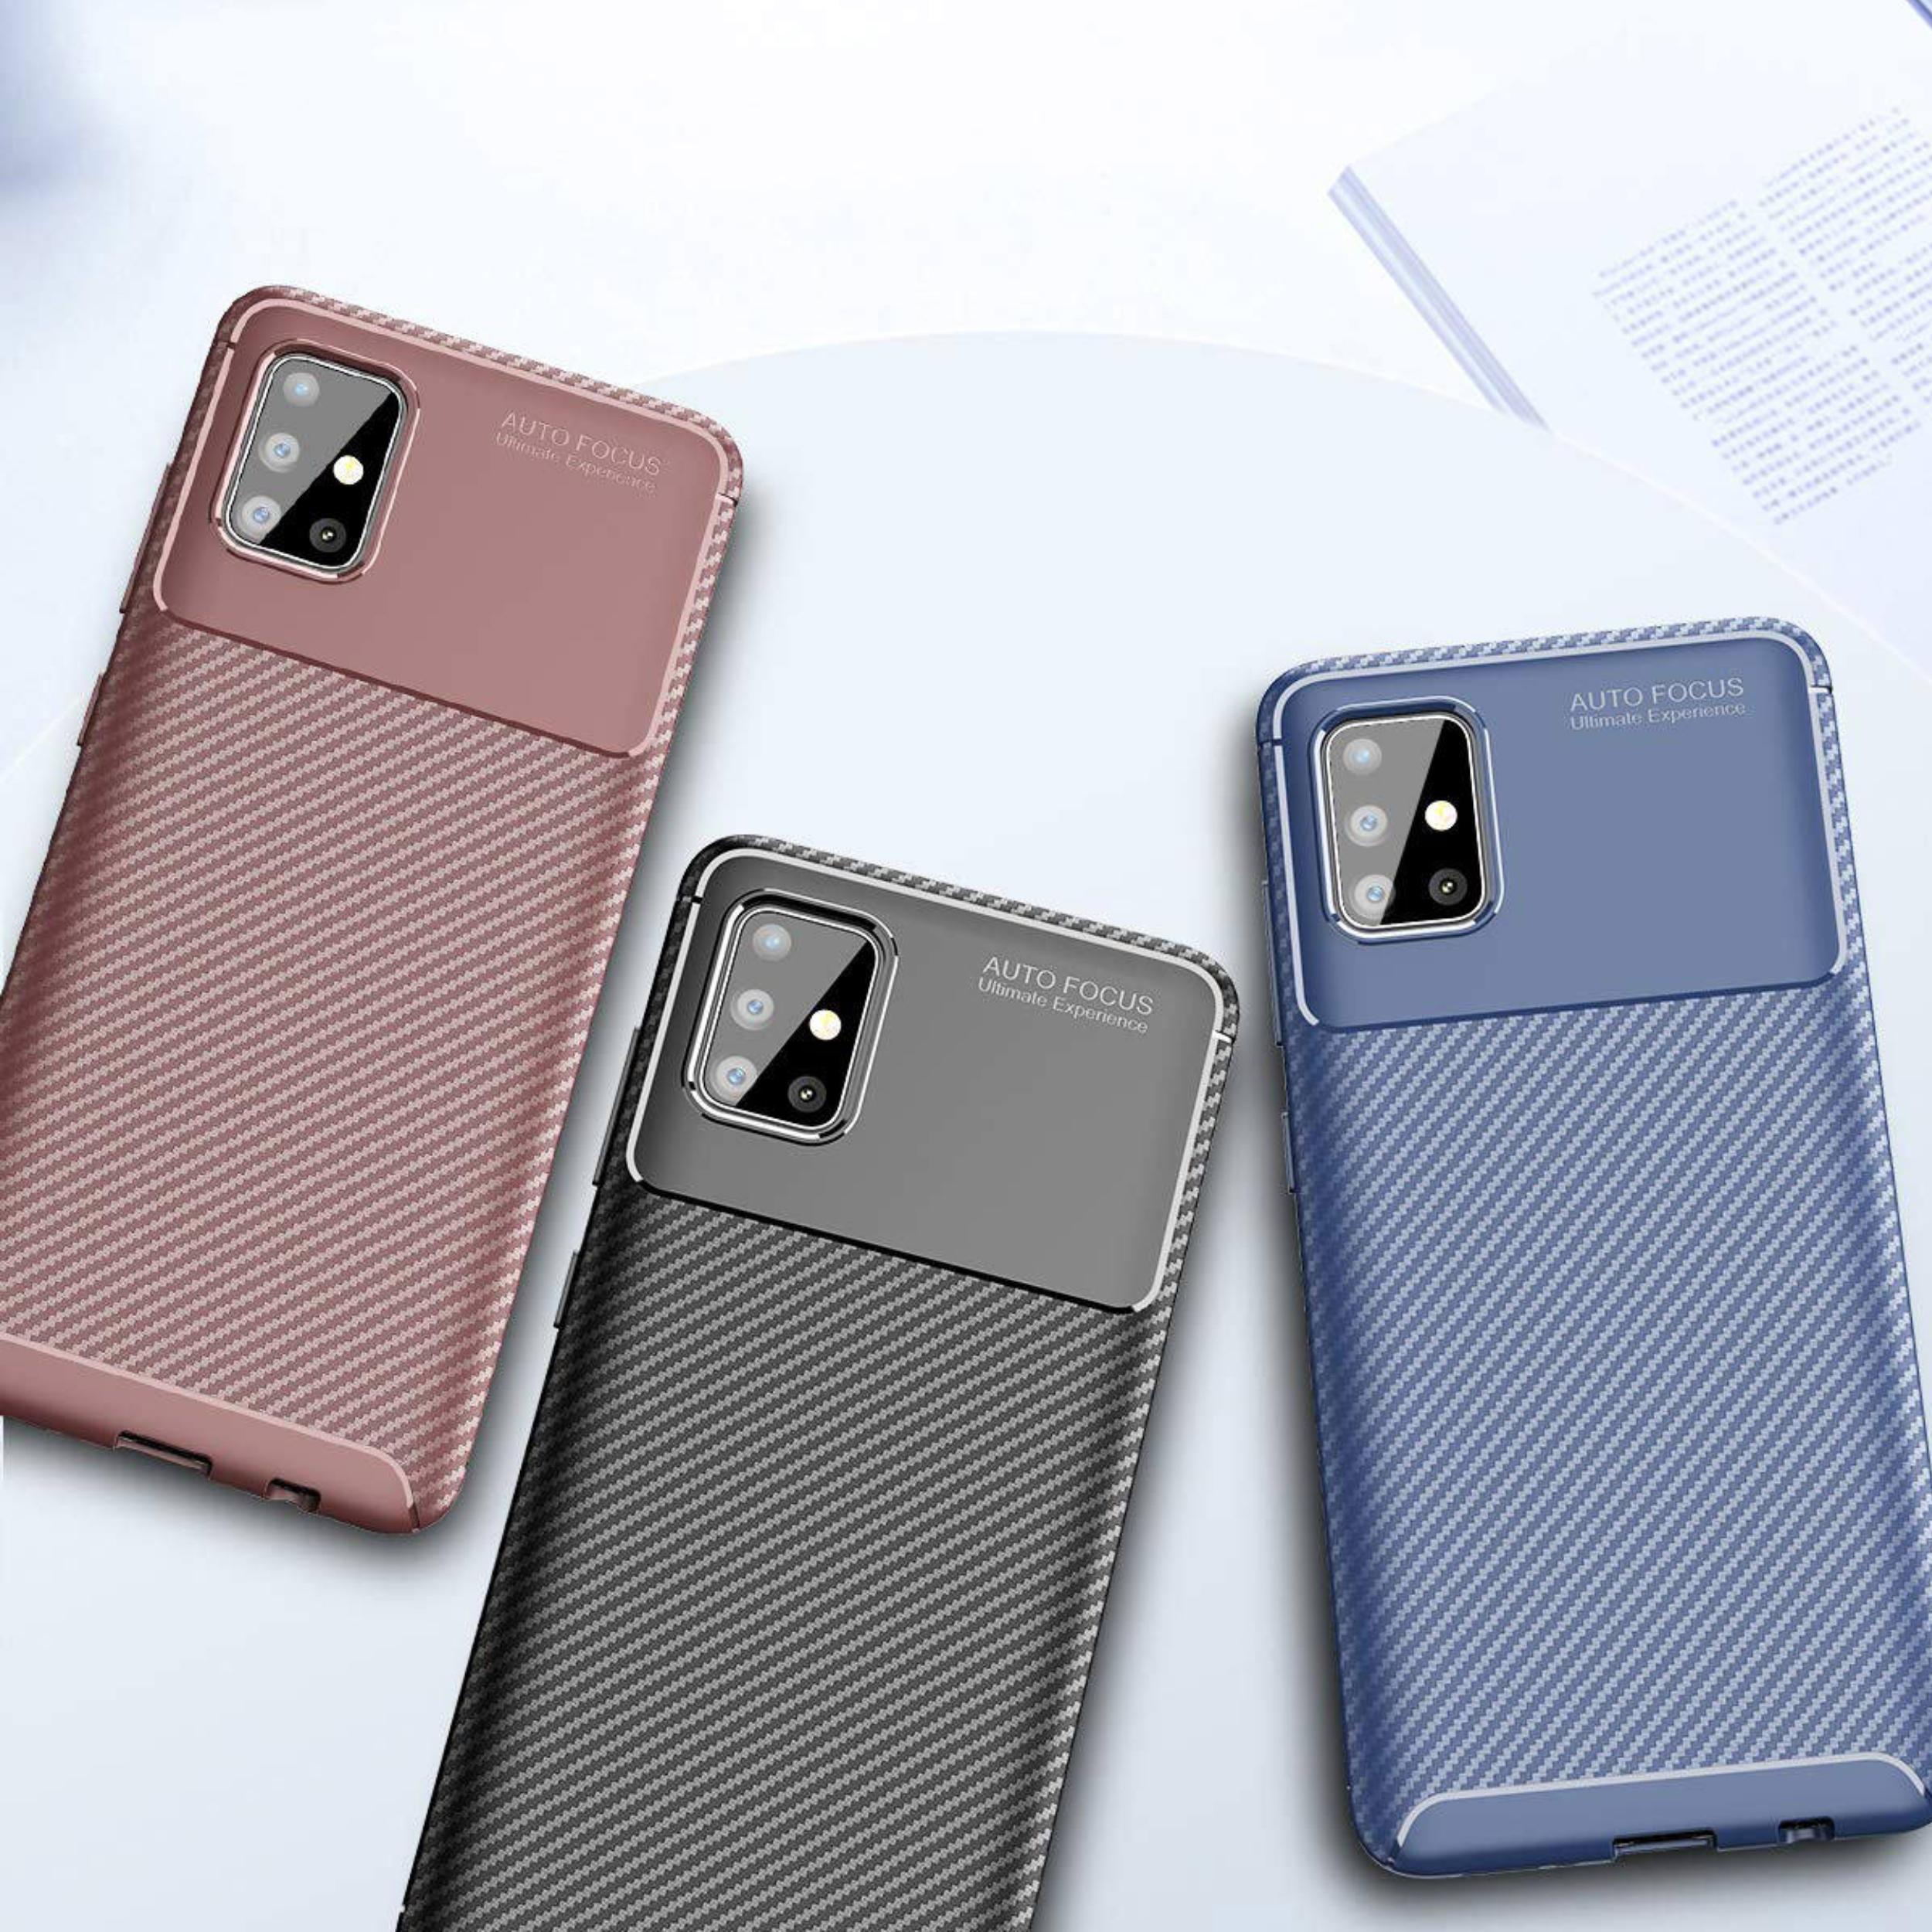 کاور لاین کینگ مدل A21 مناسب برای گوشی موبایل سامسونگ Galaxy A51 thumb 2 5